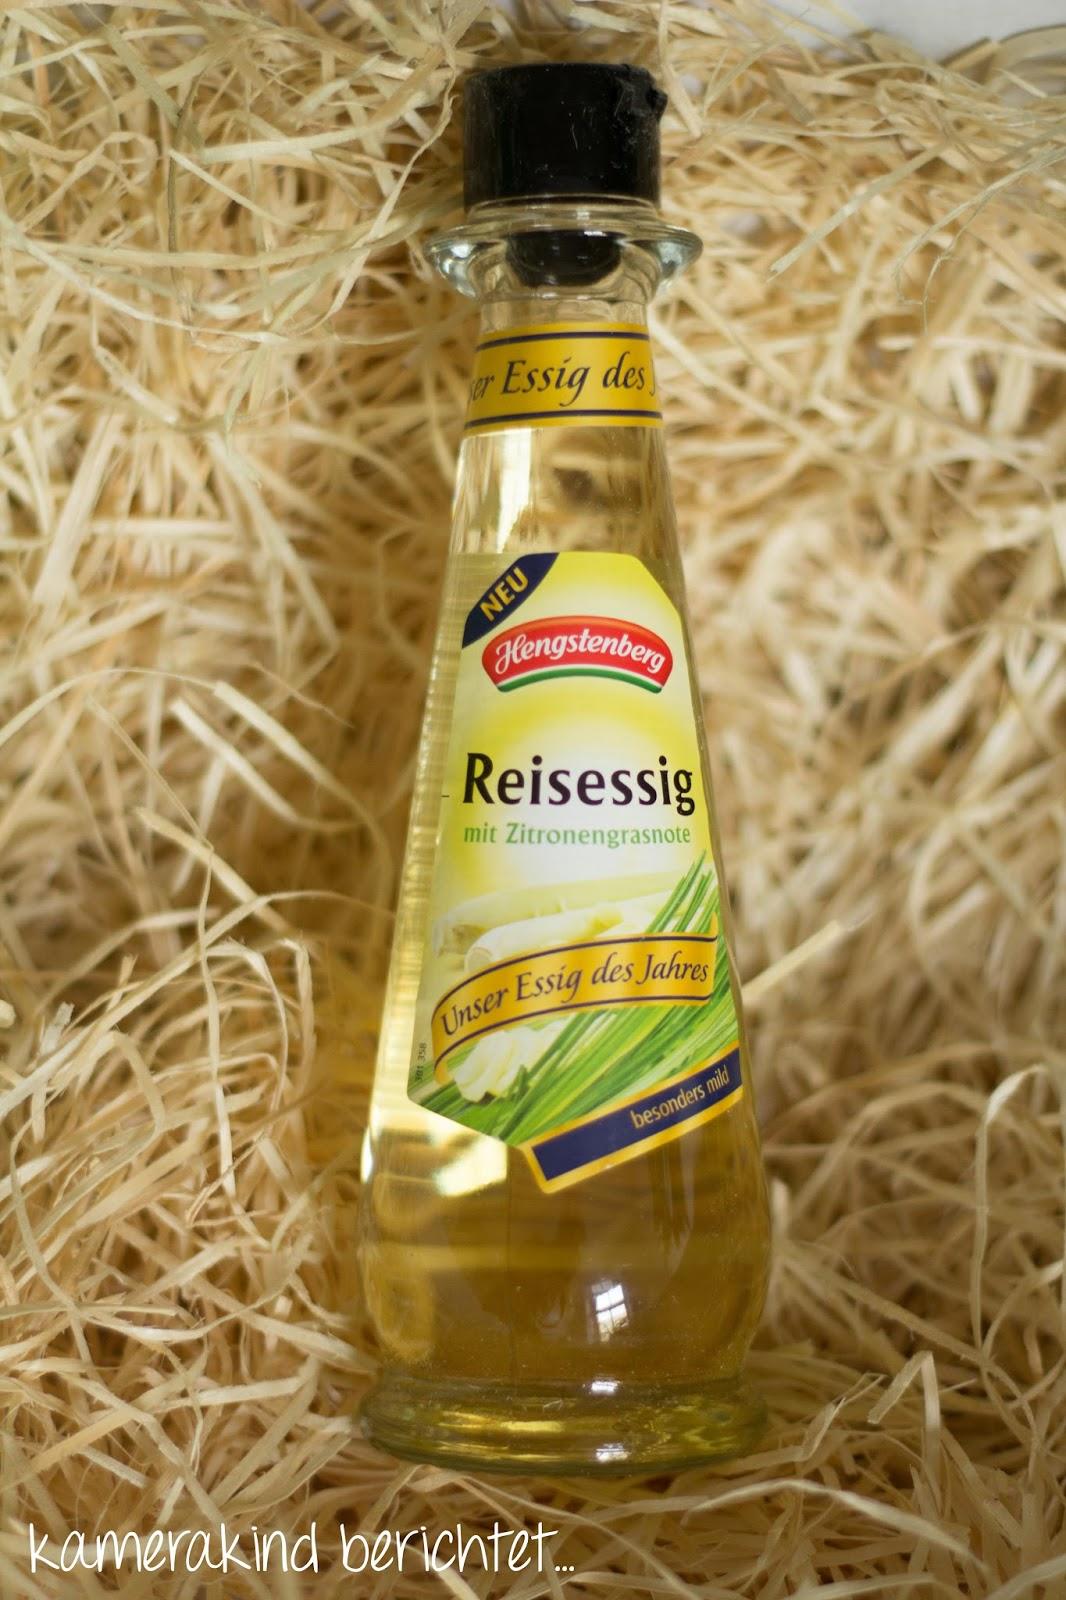 Hengstenberg Reisessig mit Zitronengrasnote